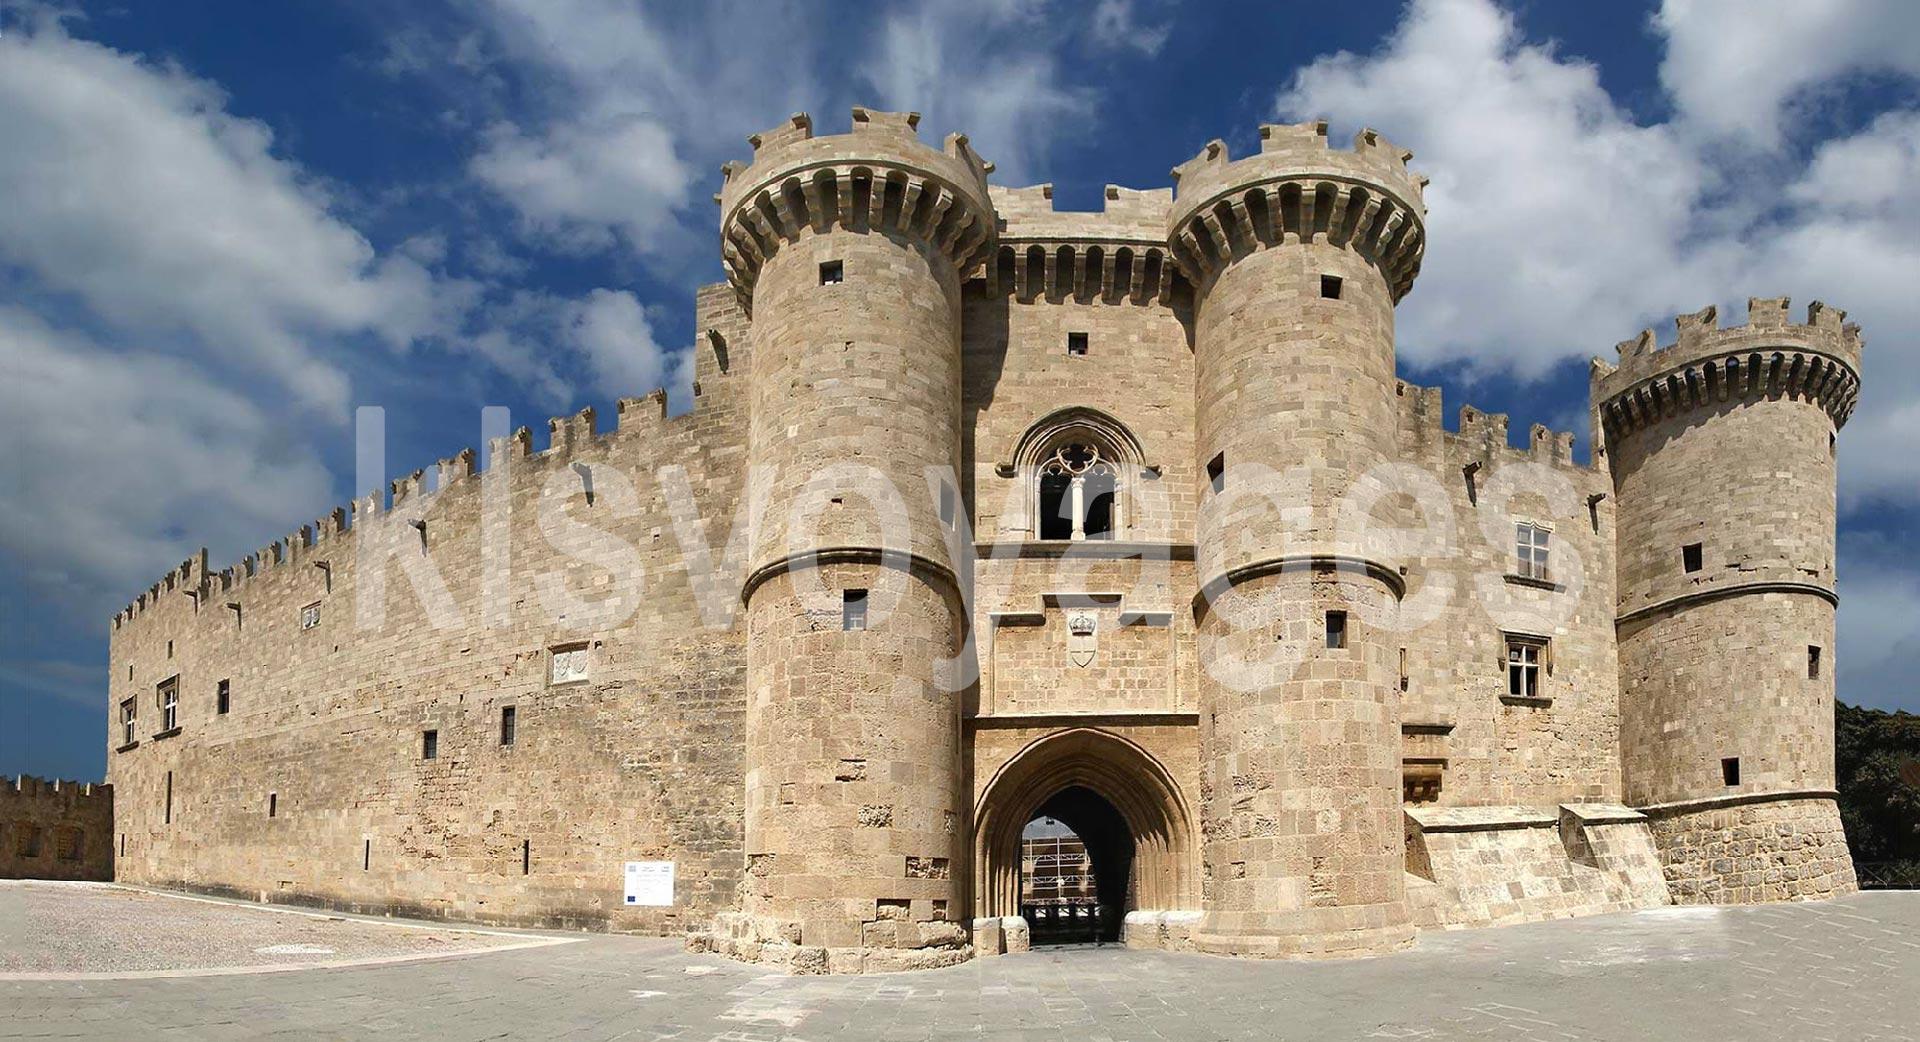 rodos zamek joannitow wielkich mistrzow